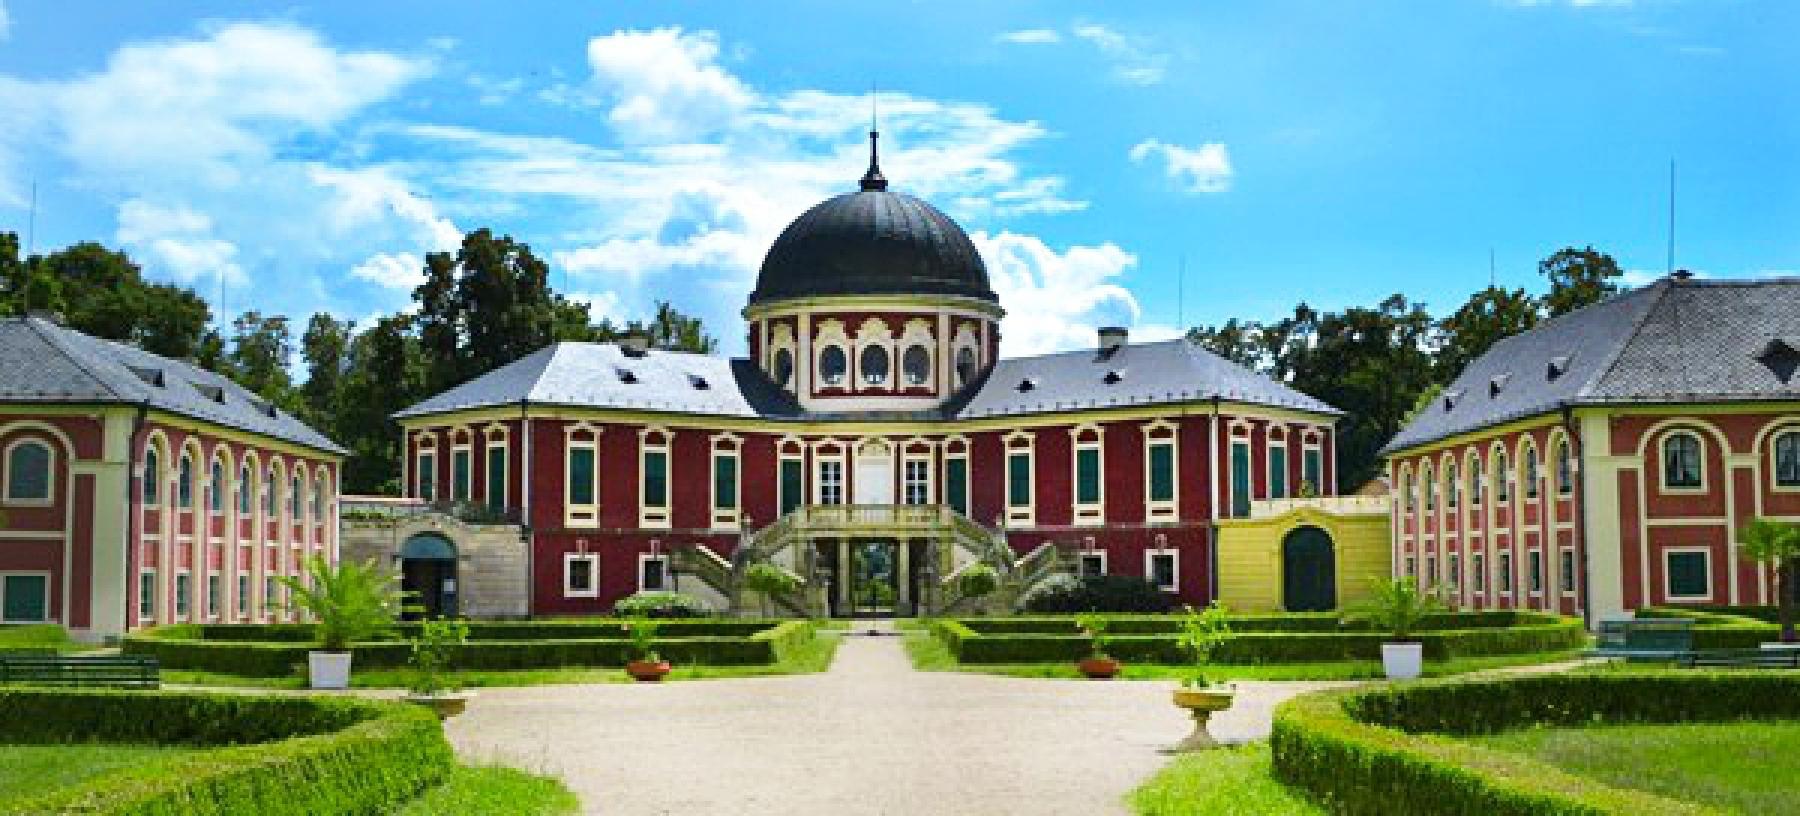 Ubytování na zámku Veltrusy pro 2 osoby